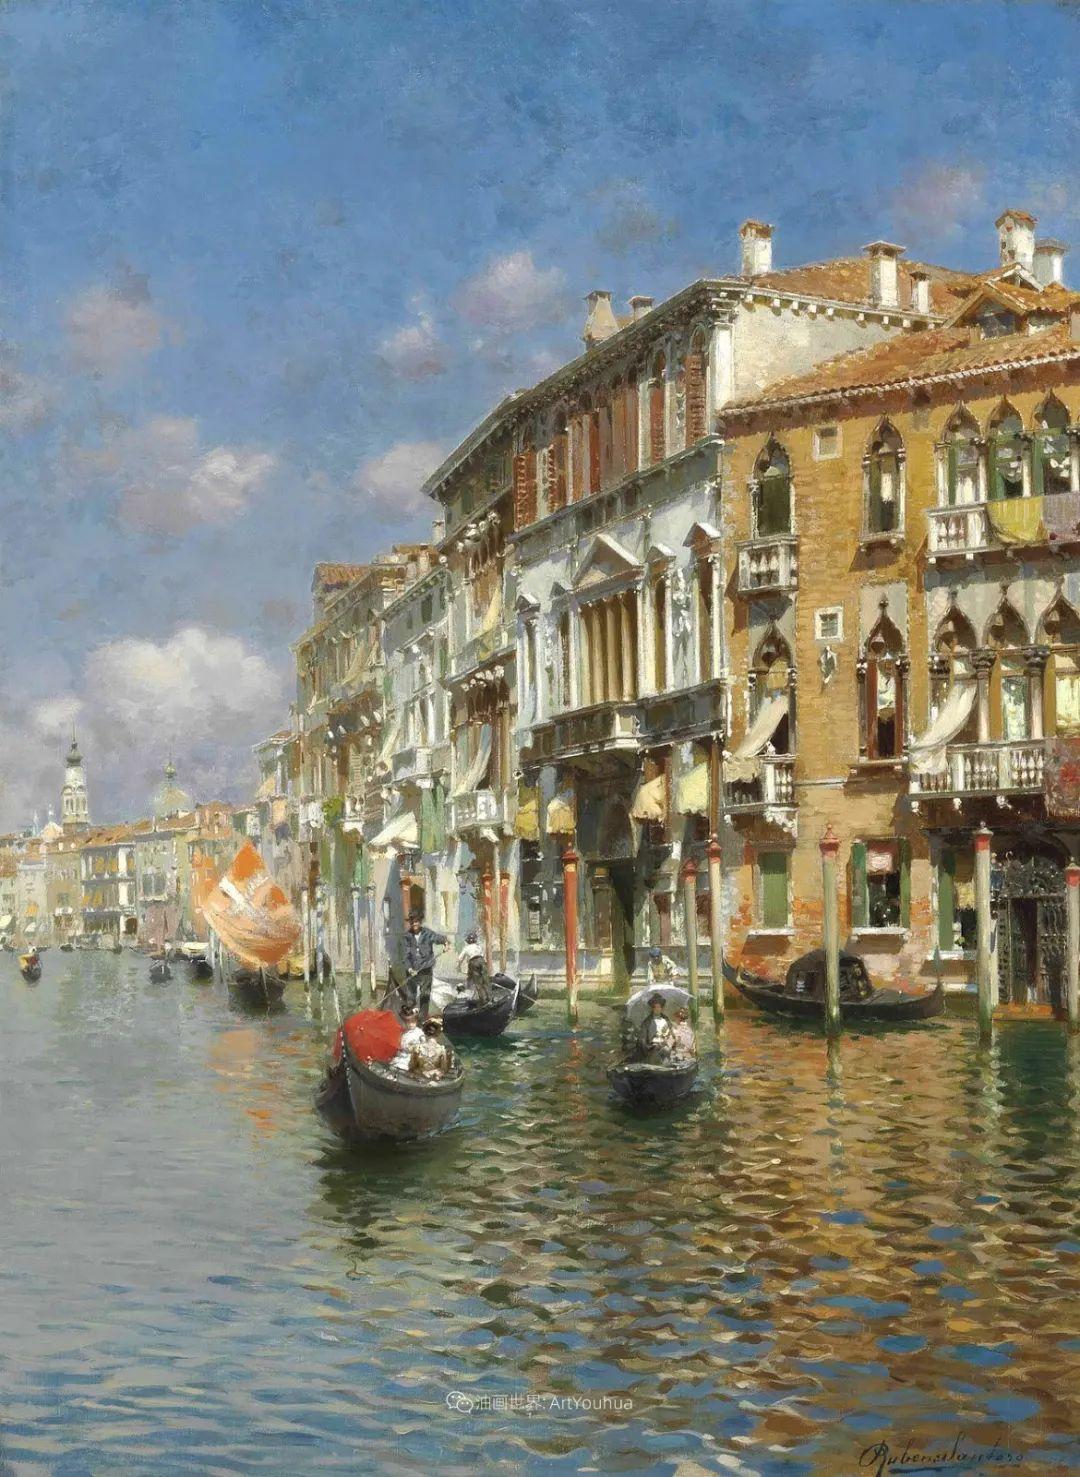 威尼斯风光,意大利画家鲁本斯·桑托罗插图13